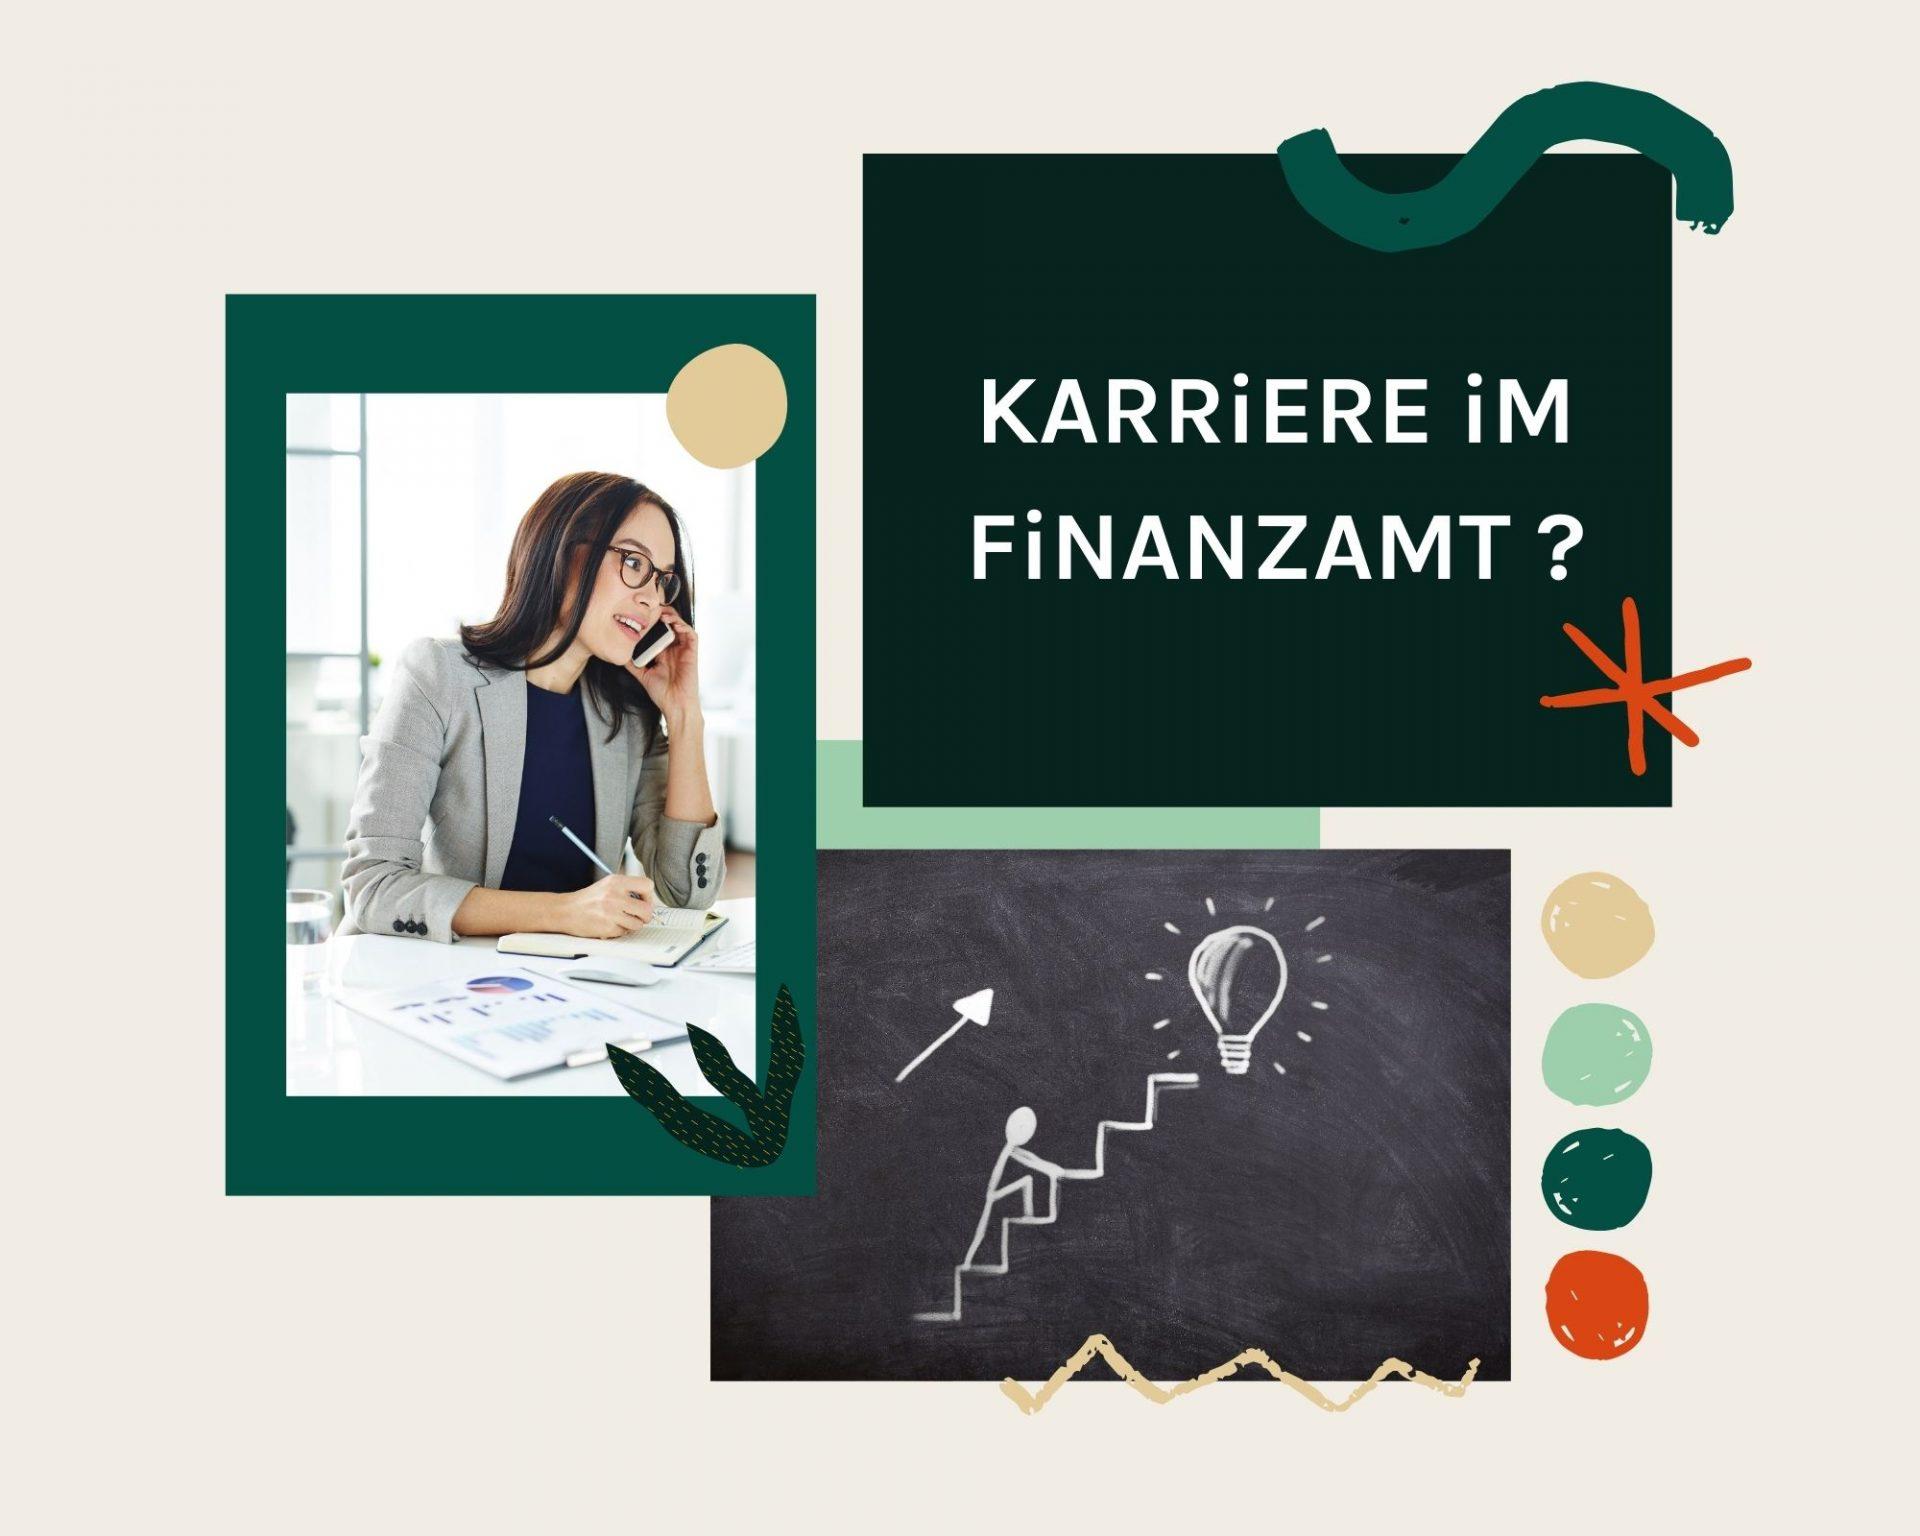 Karriere im Finanzamt